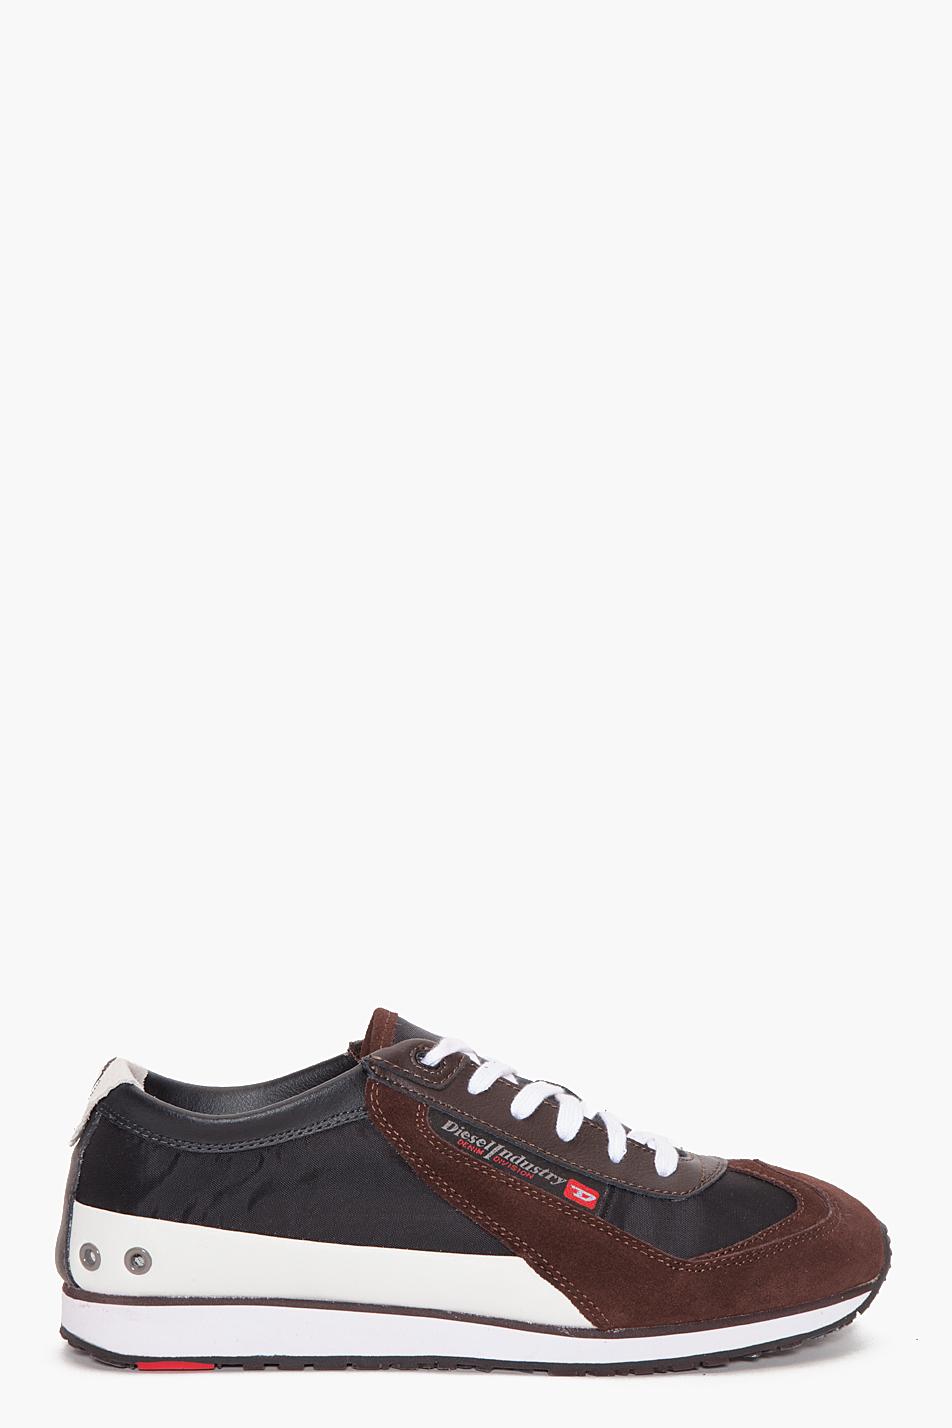 Diesel Unforgettable Sneakers in Black for Men